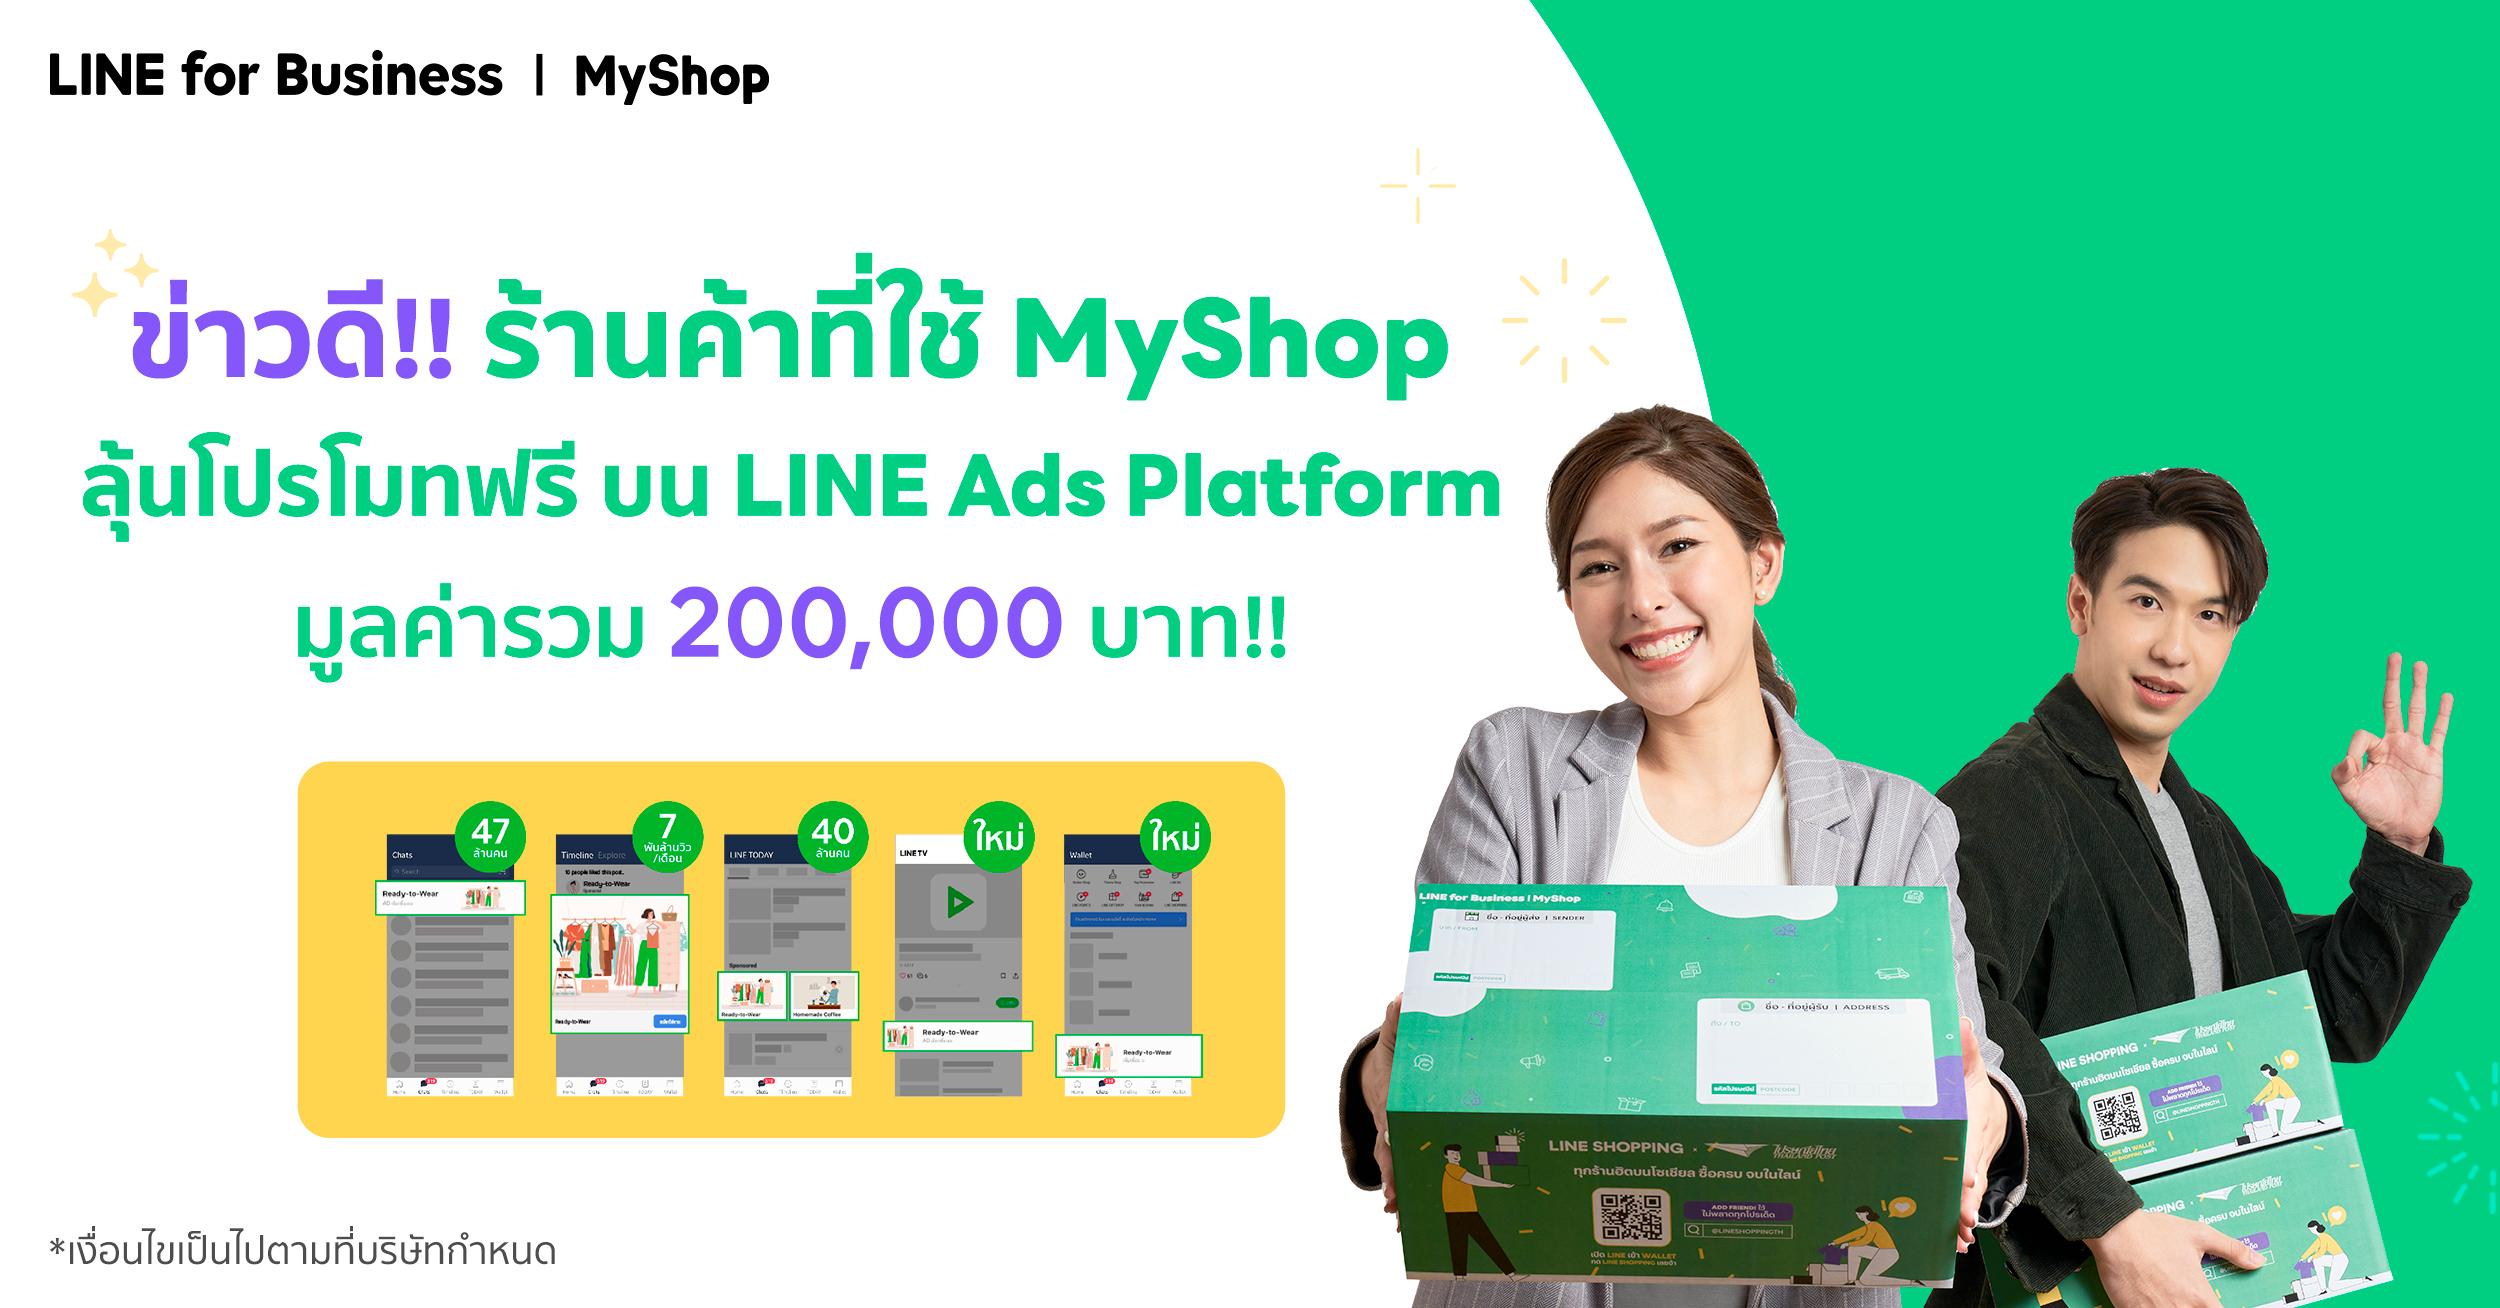 ร้านค้า MyShop ลุ้นโปรโมทฟรีบน LINE Ads Platform มูลค่ารวม 200,000 บาท